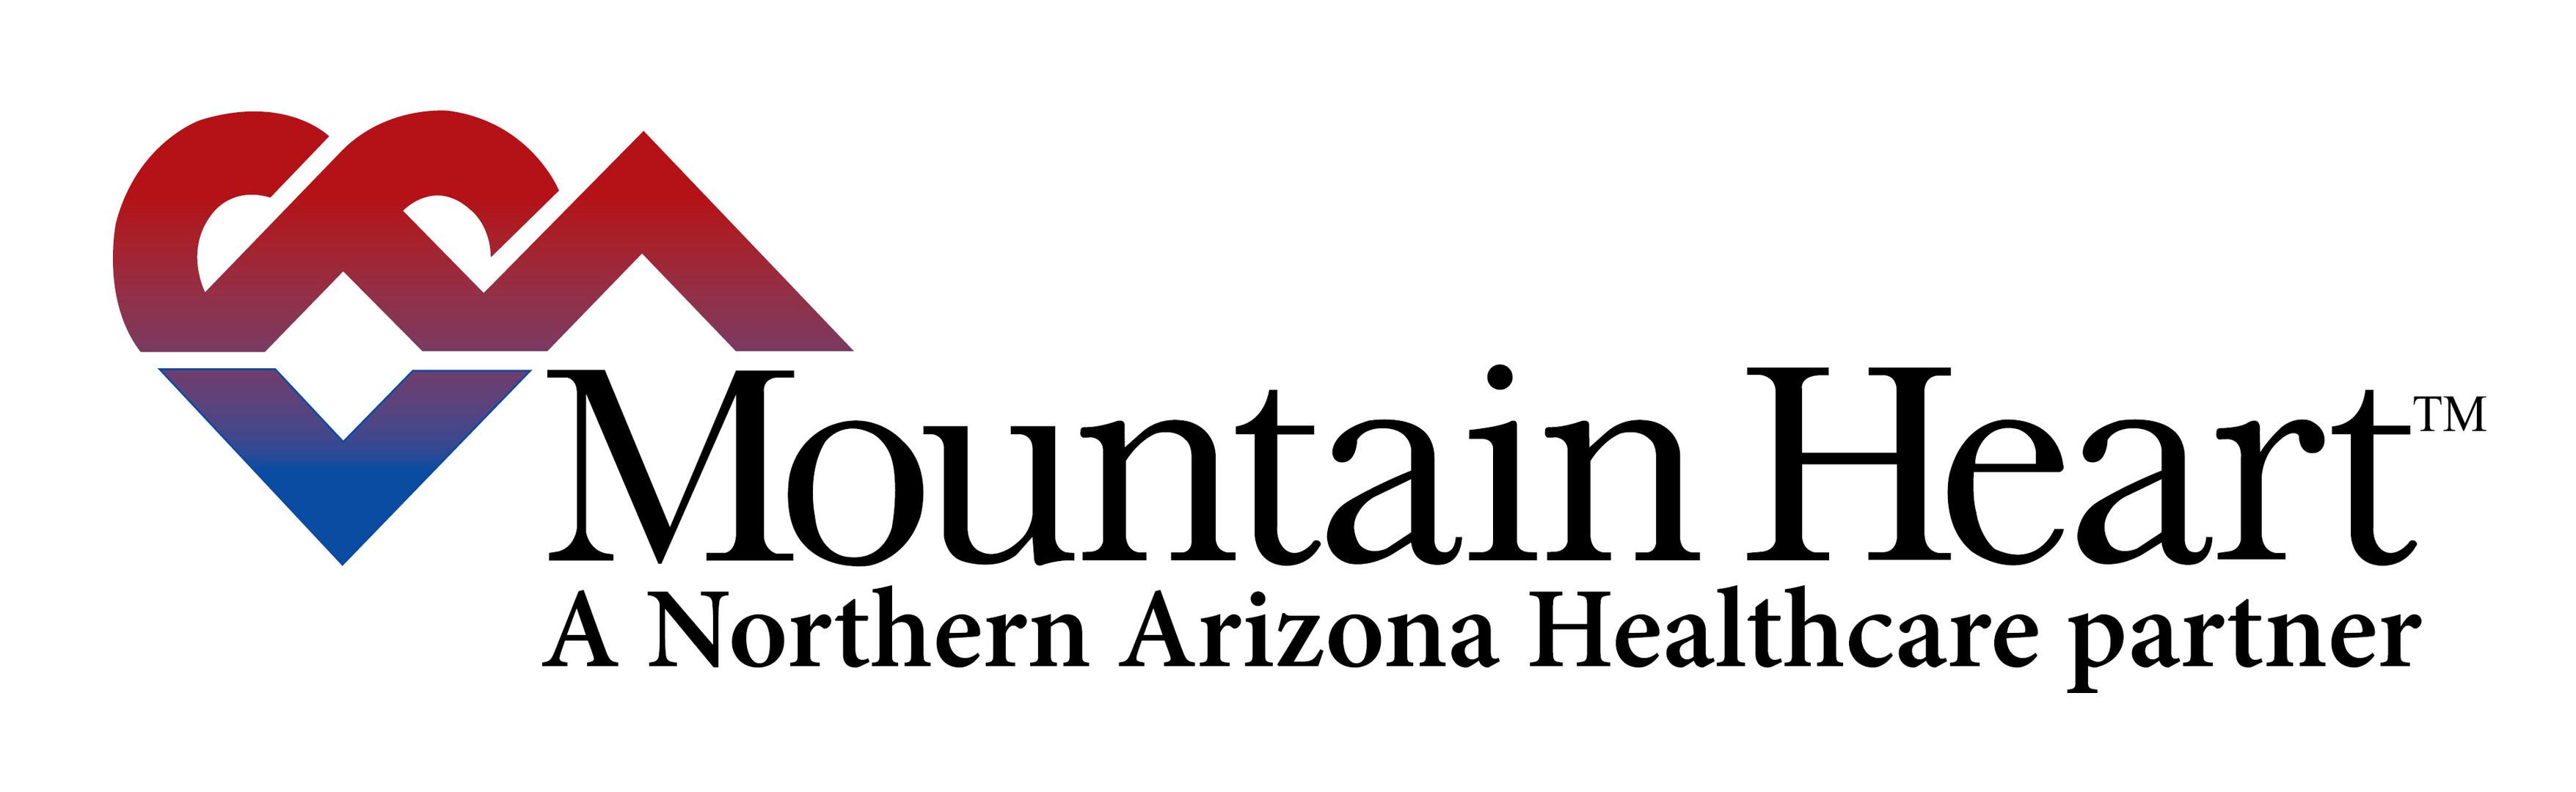 MtnHeart-NAH-logo.jpg